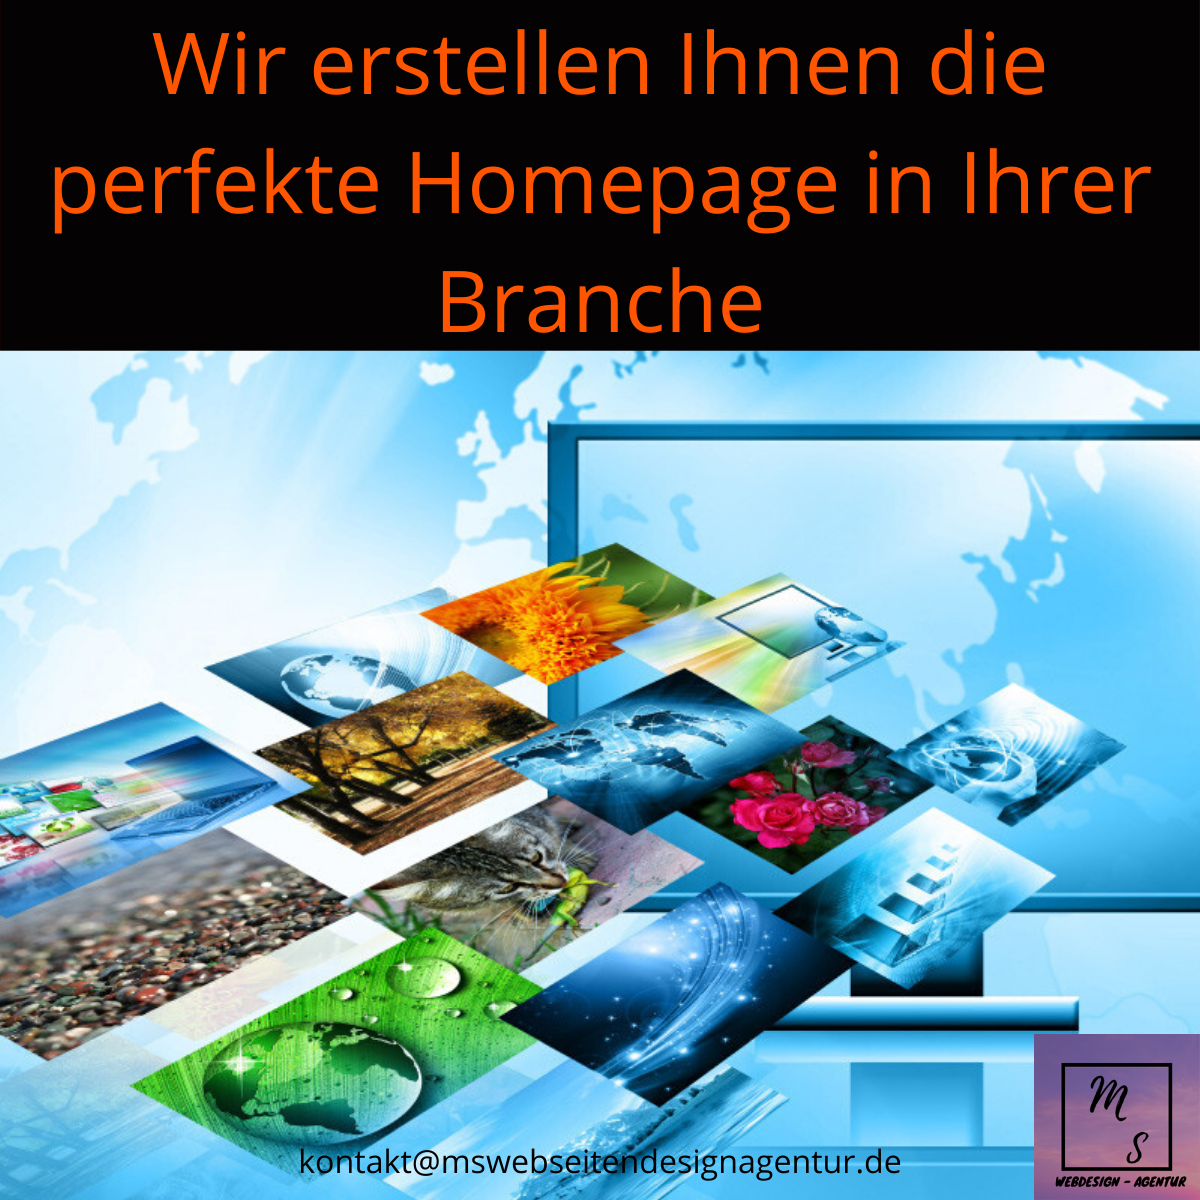 MS WebdesignAgentur, Homepage erstellen lassen